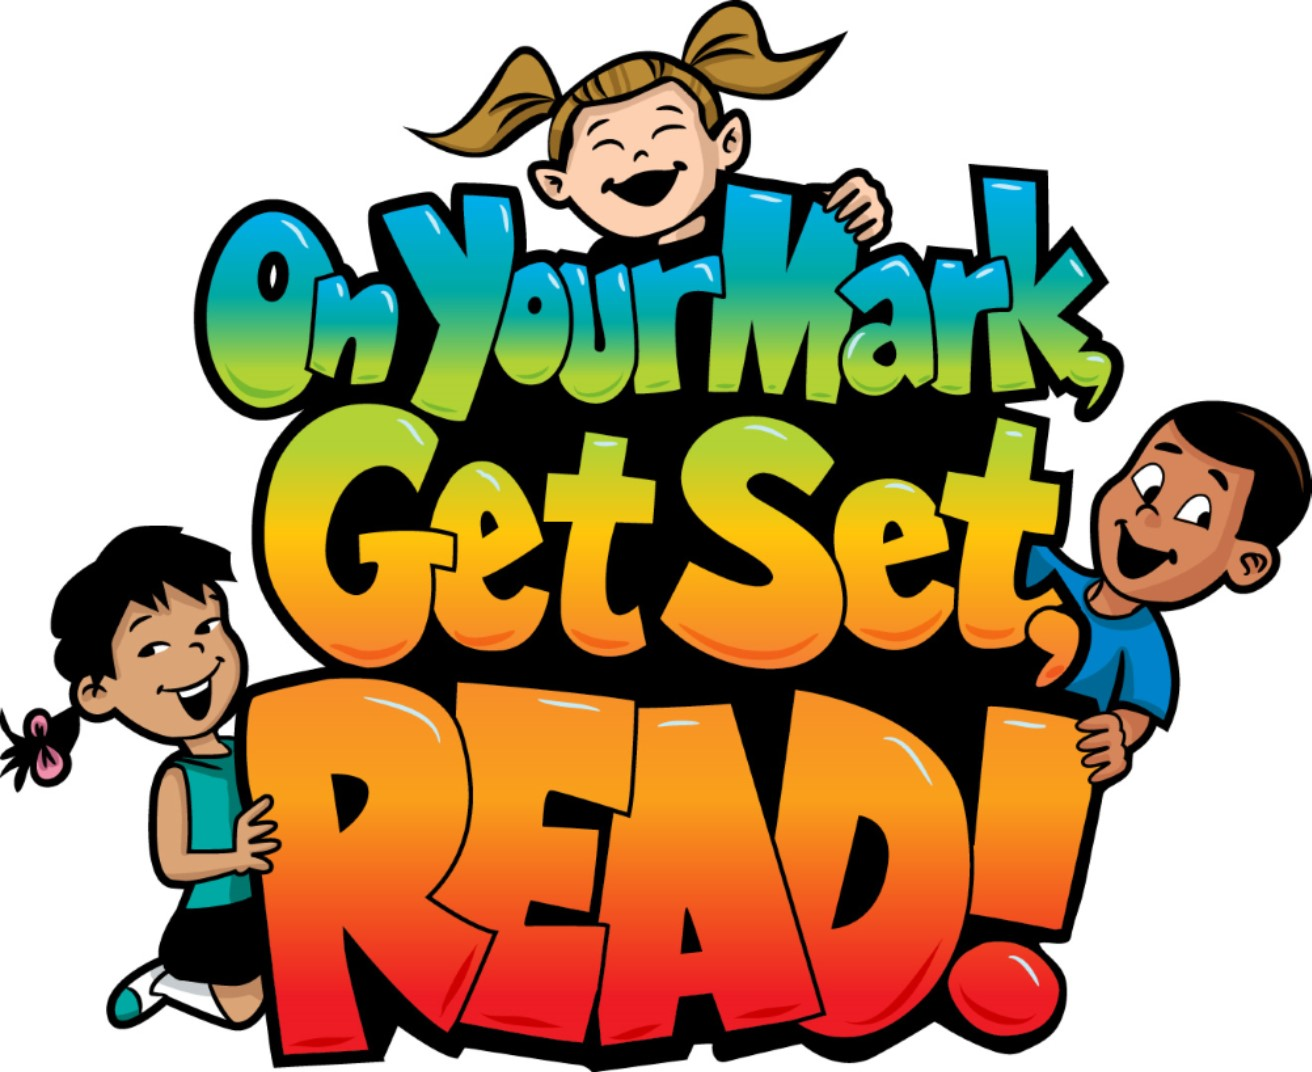 Worksheet Reading Programs sign up for the summer reading program